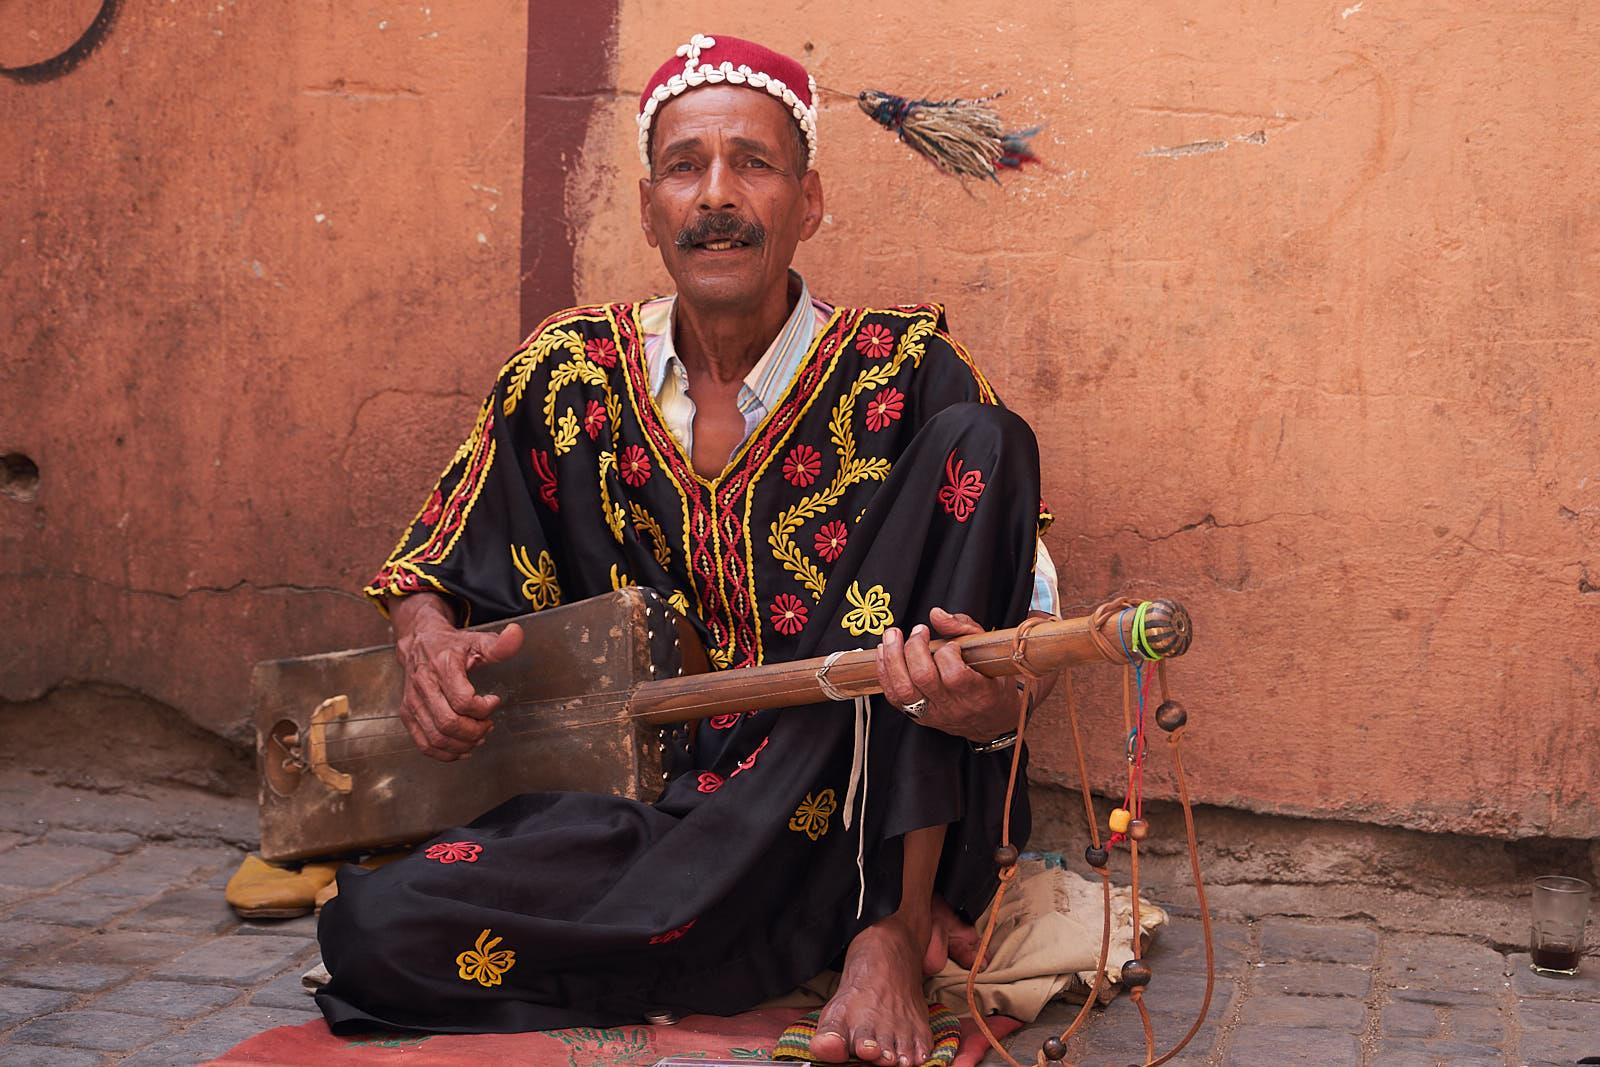 Musiker in der Medina